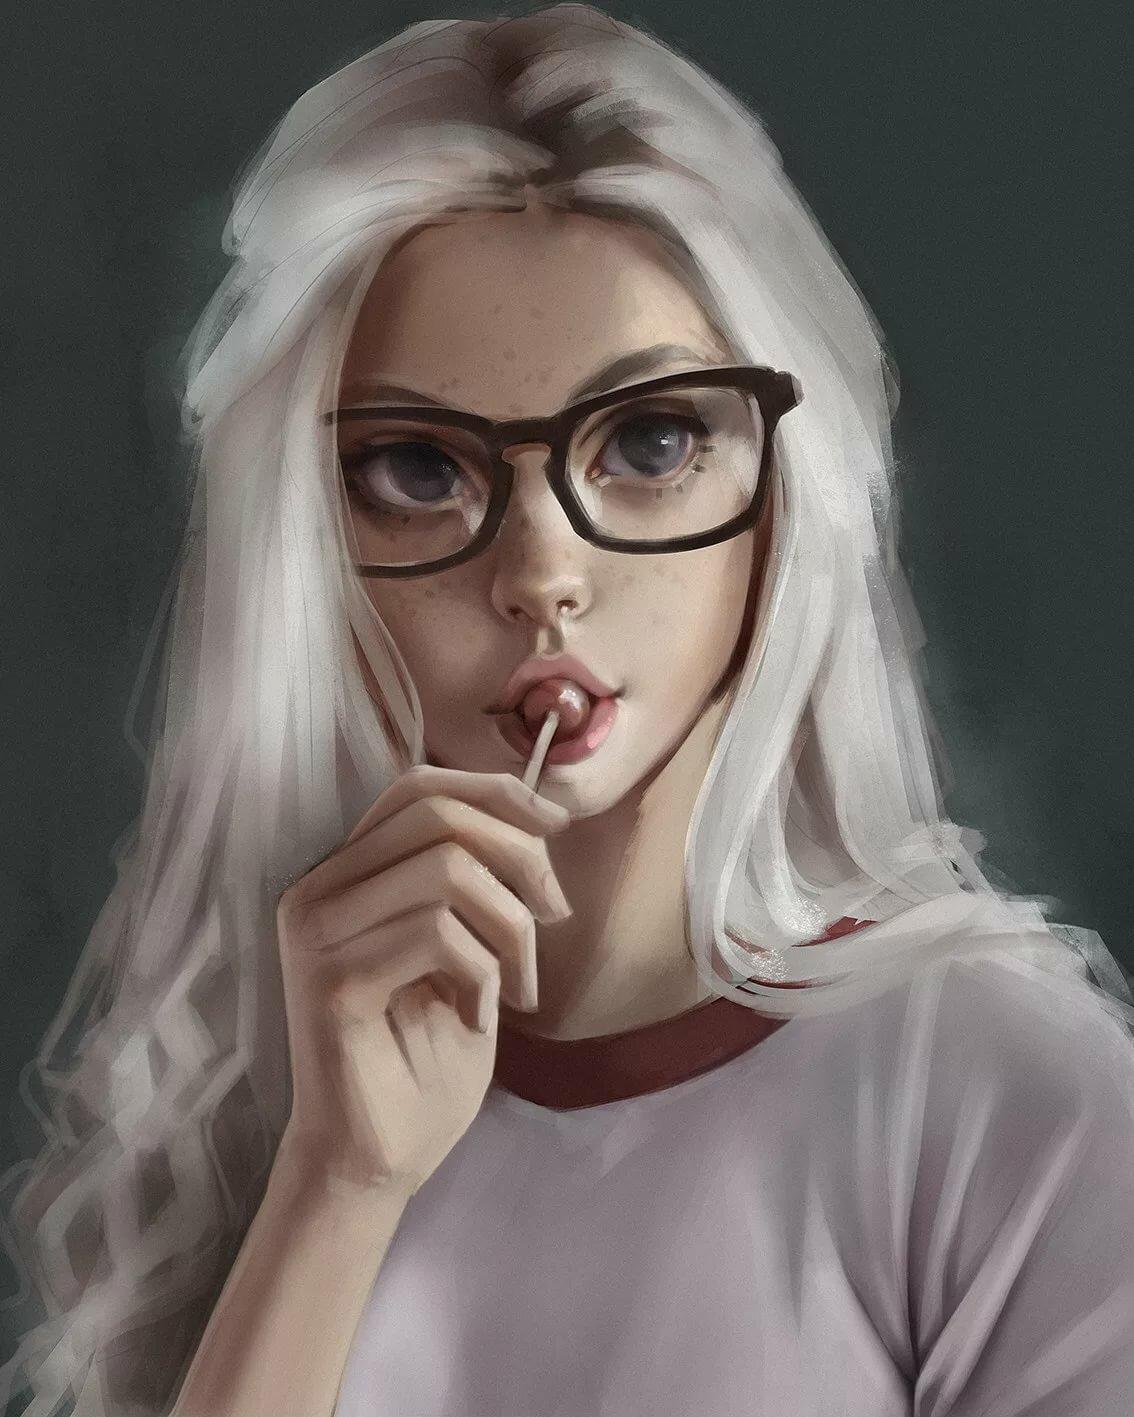 Девочка блондинка рисунок